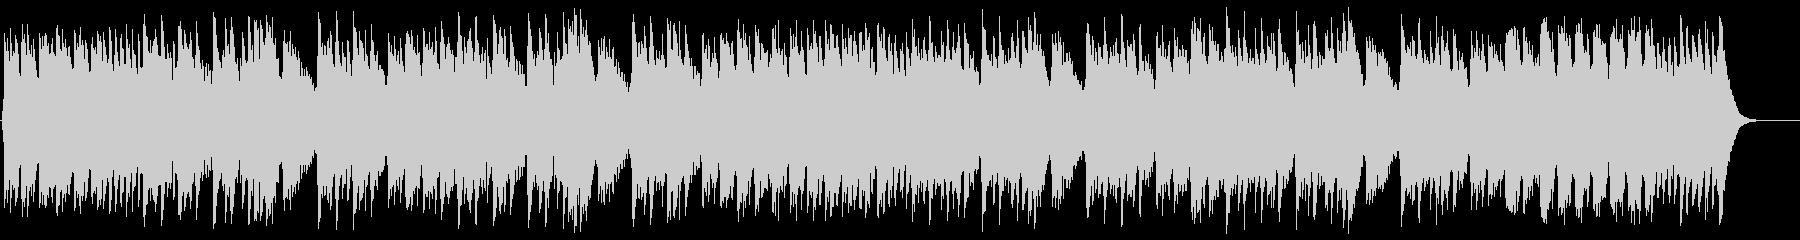 ハンプティダンプティ オルゴールの未再生の波形